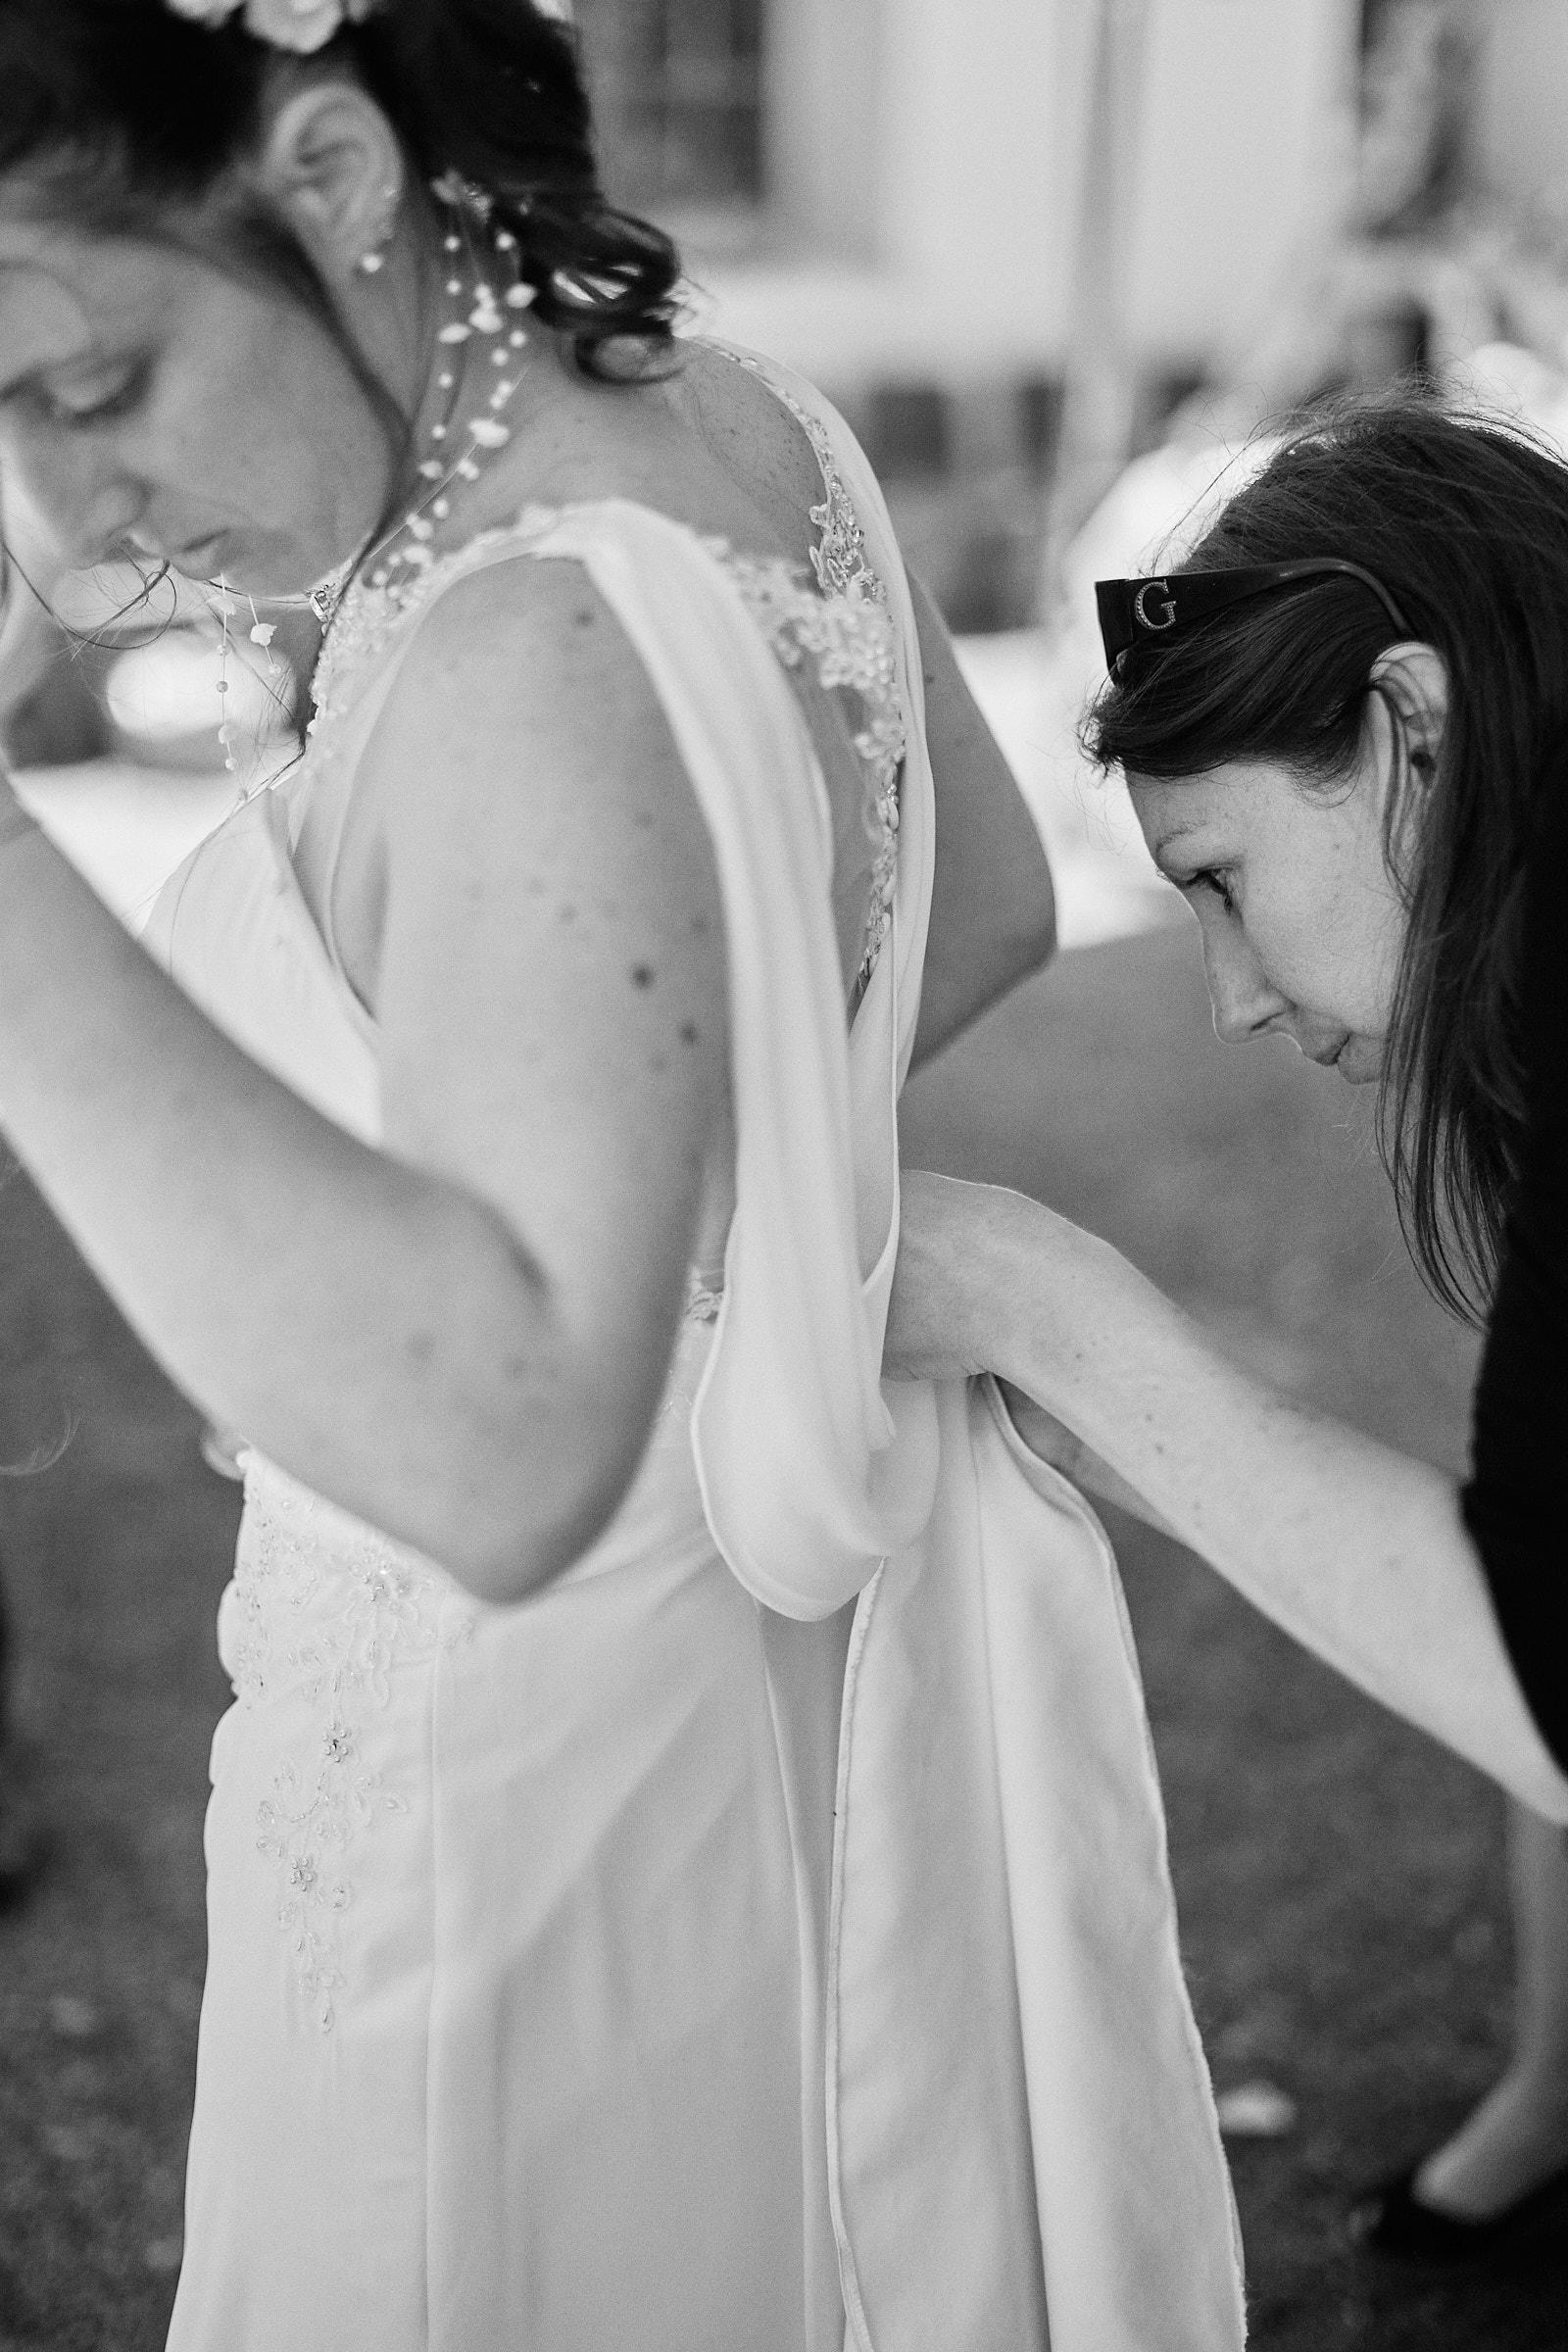 une amie attache la traîne de la mariée